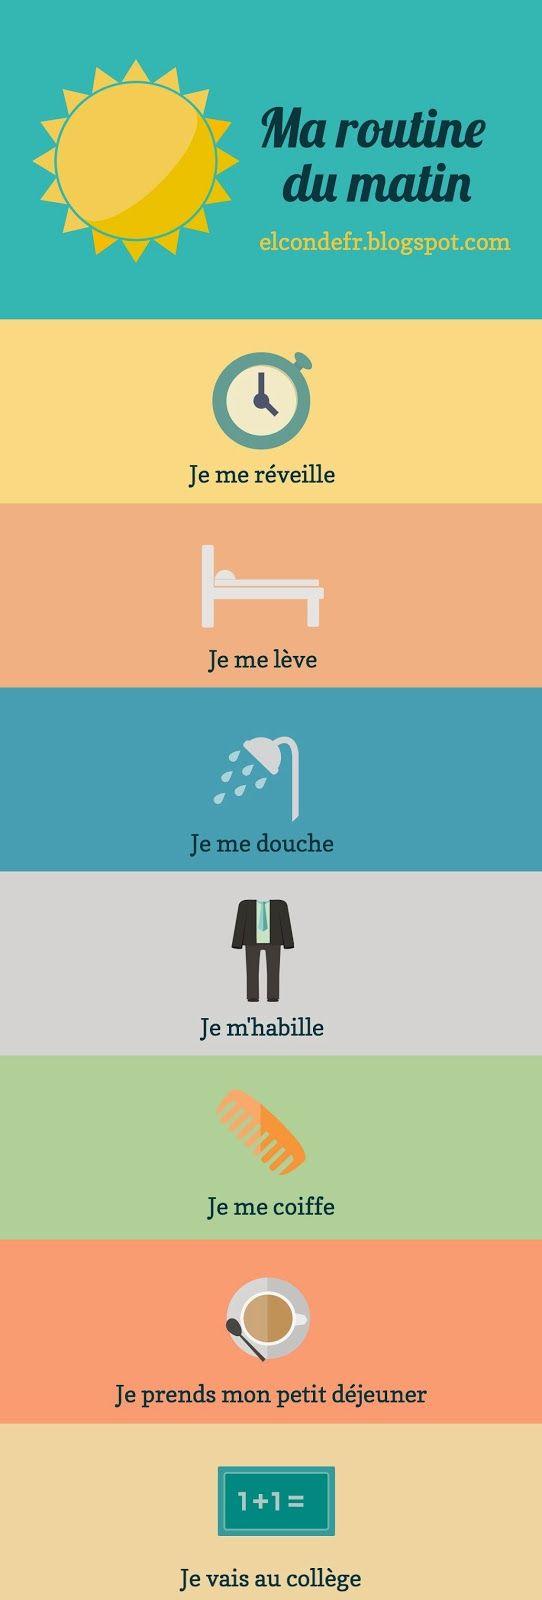 L'école - Je veux continuer avec le français tout au tout de l'école secondaire pour que je puisse avoir une bonne change d'aller à l'école de médecin.